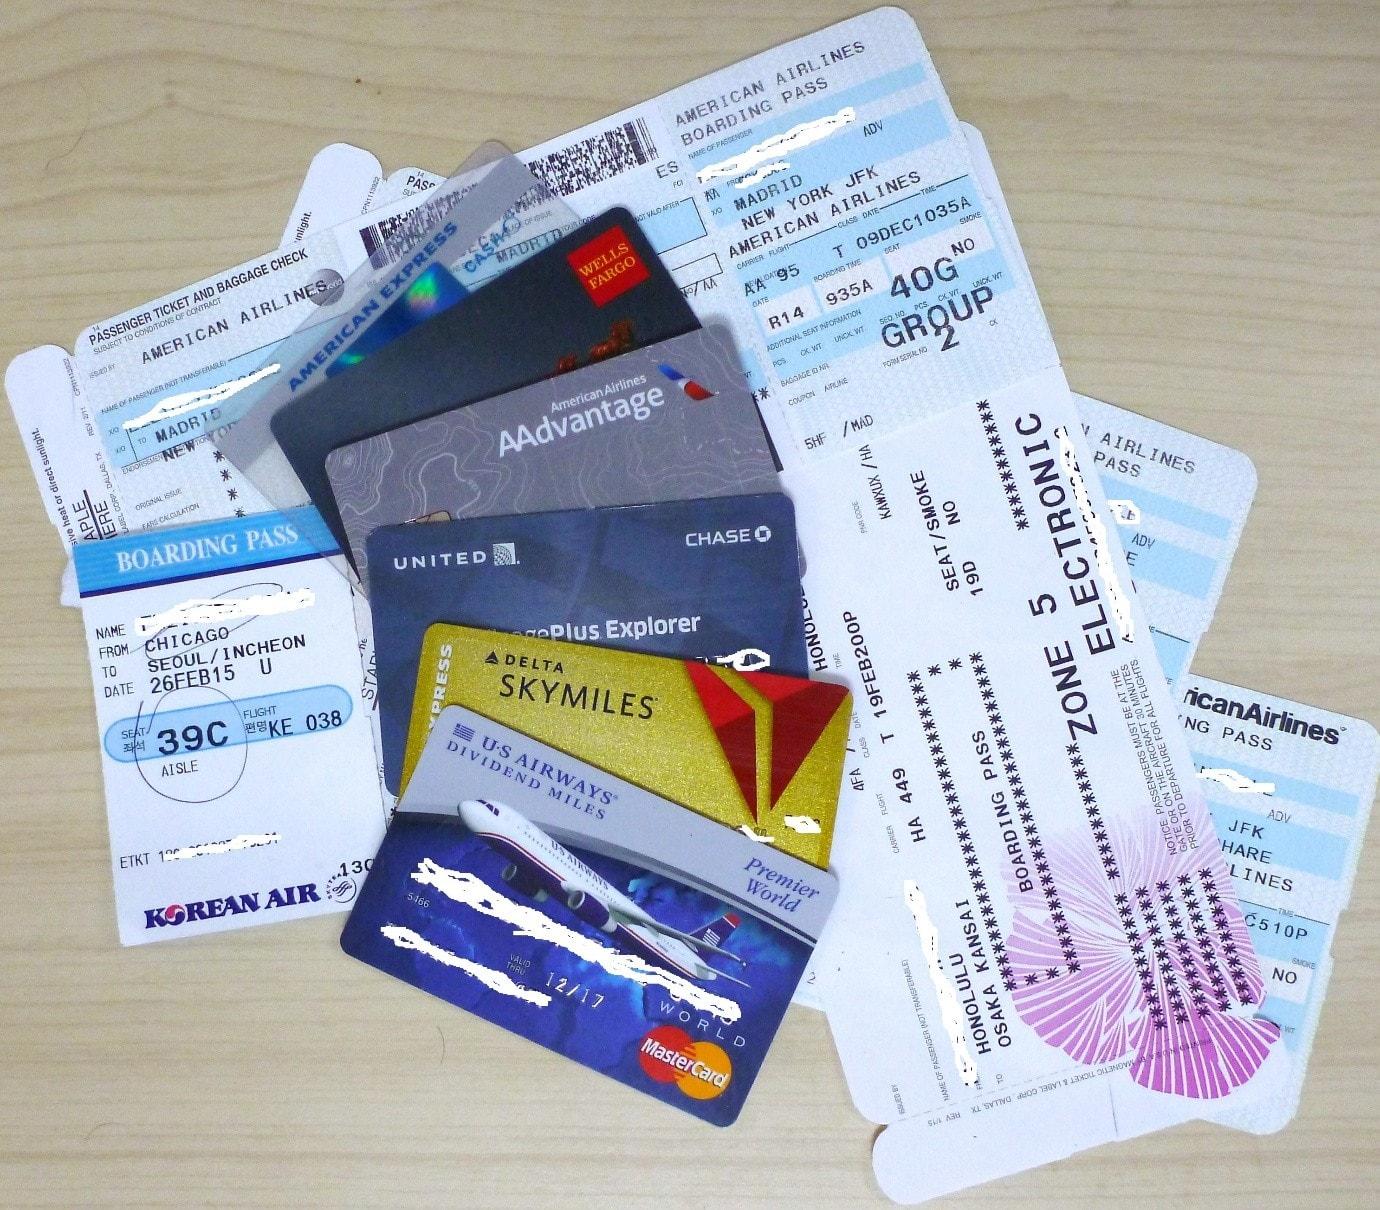 Credit card miles